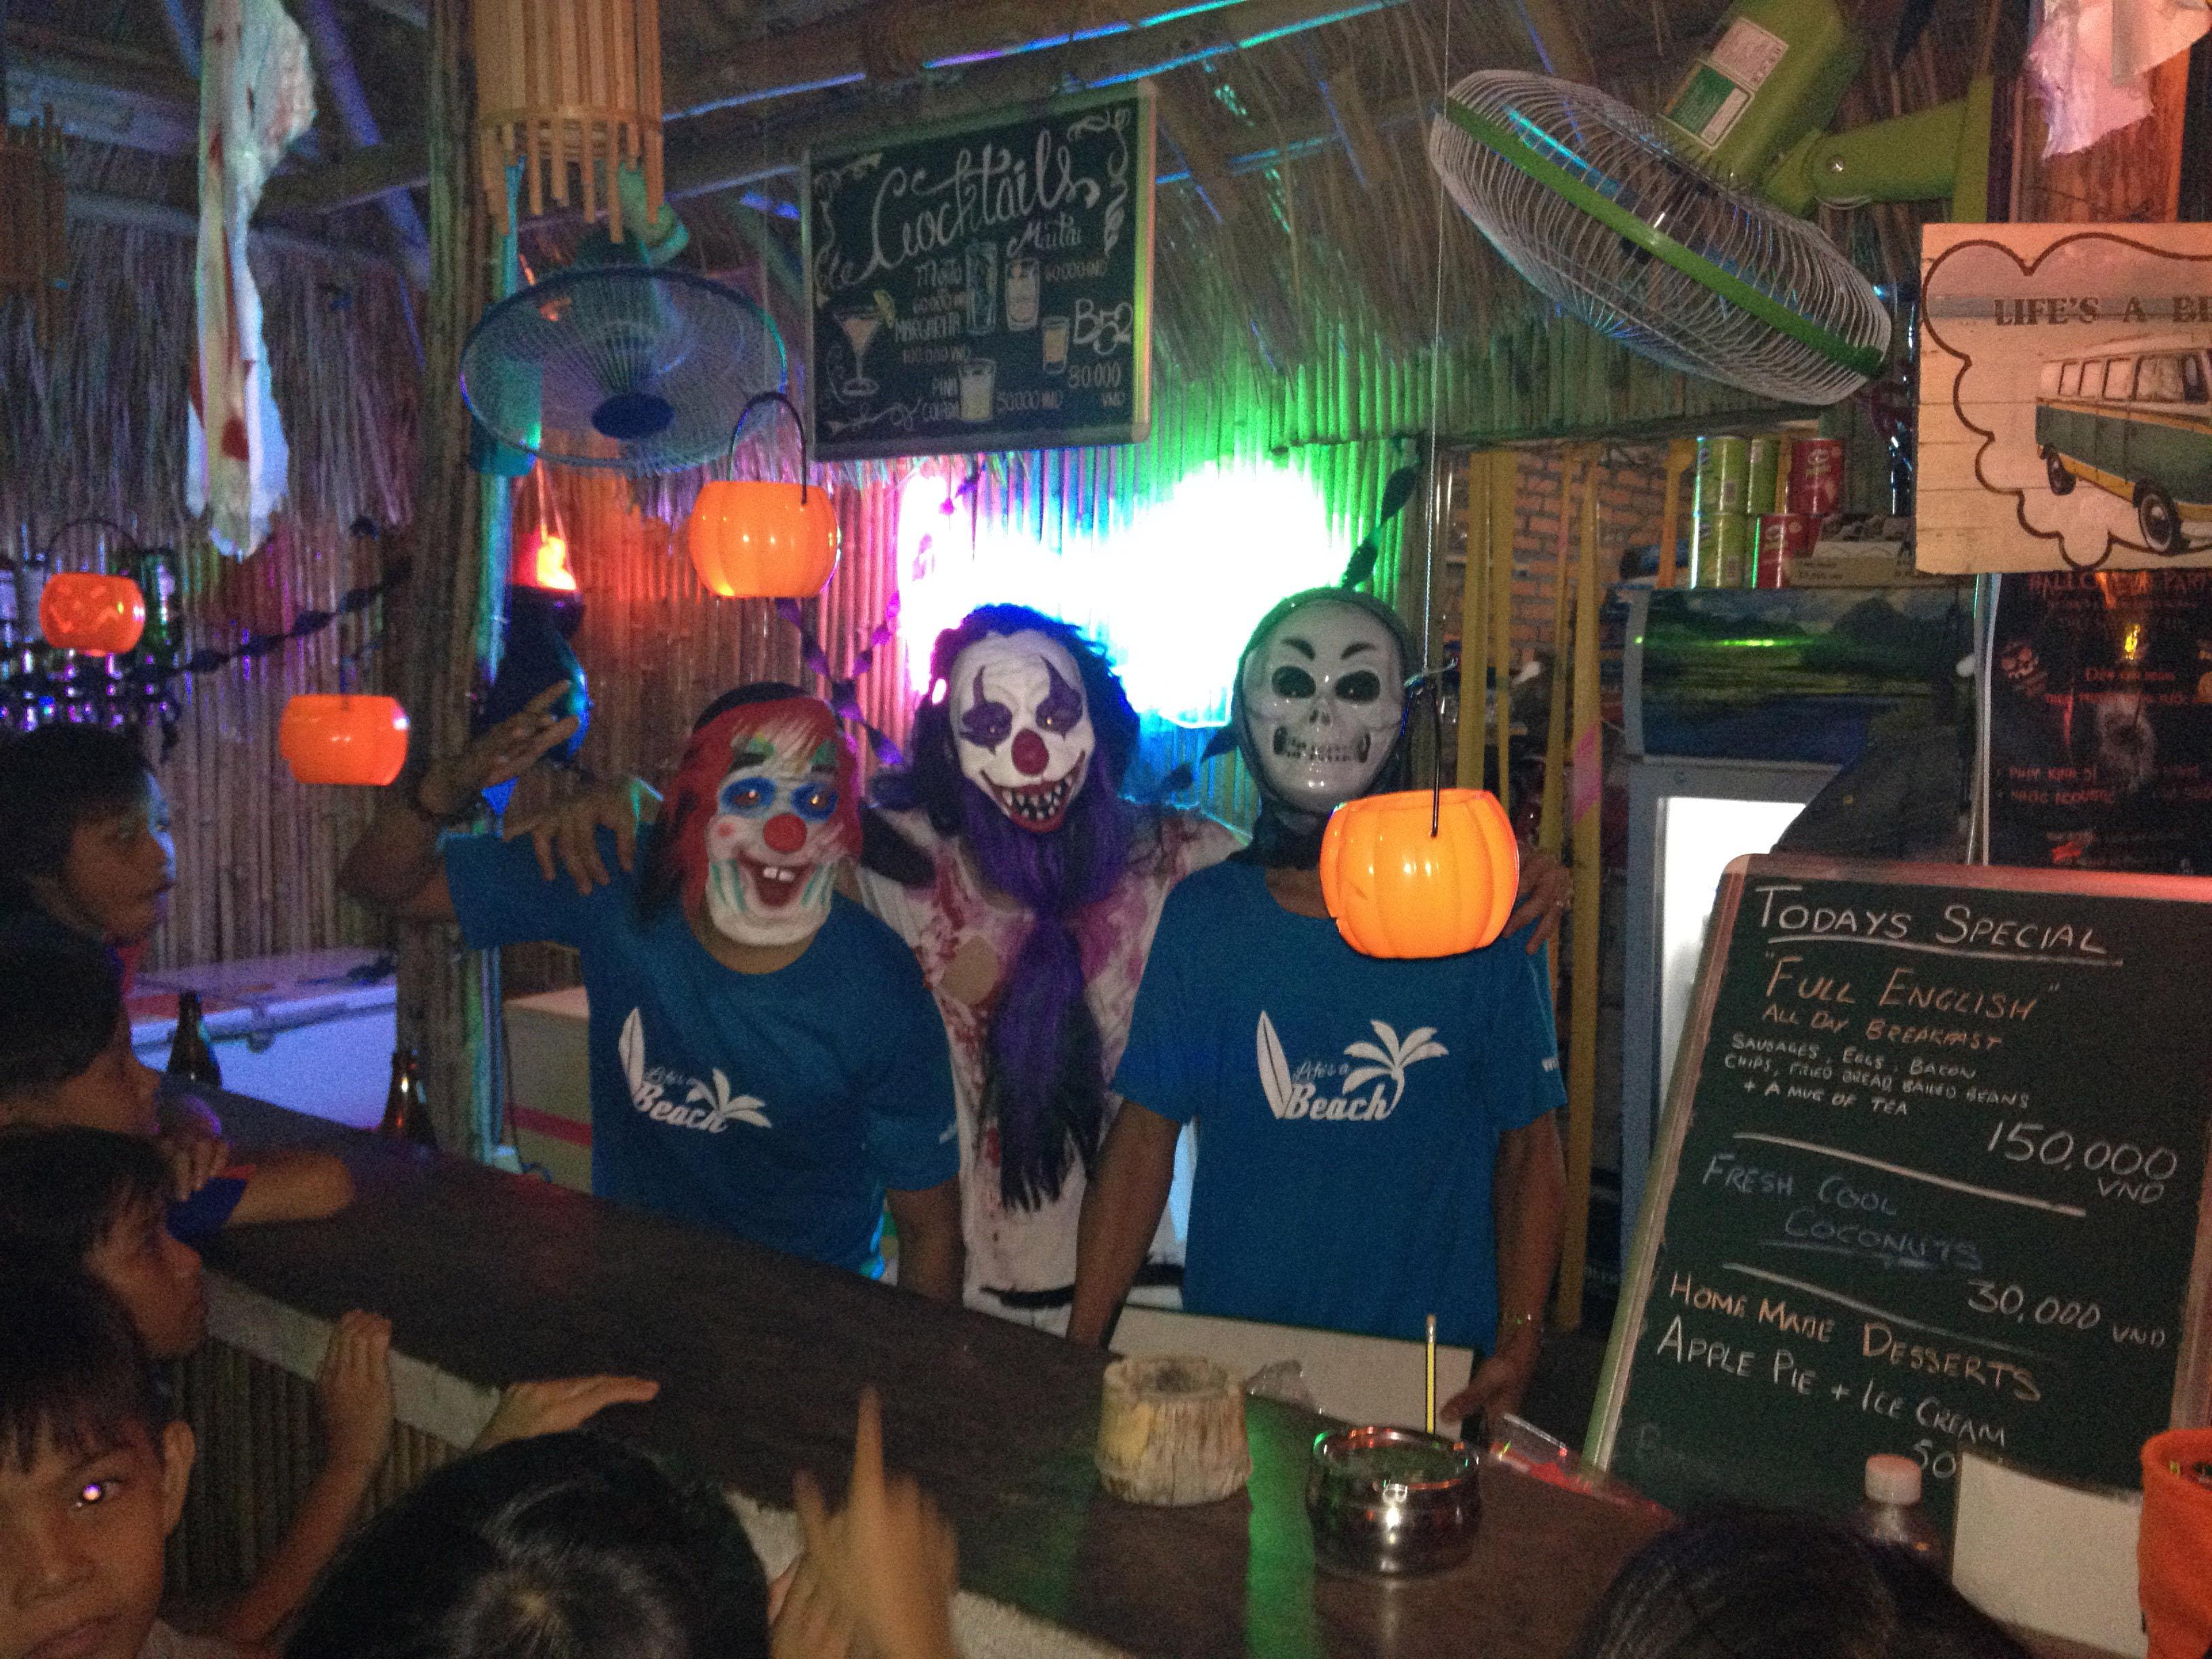 Life's a Beach Vietnam Halloween Party